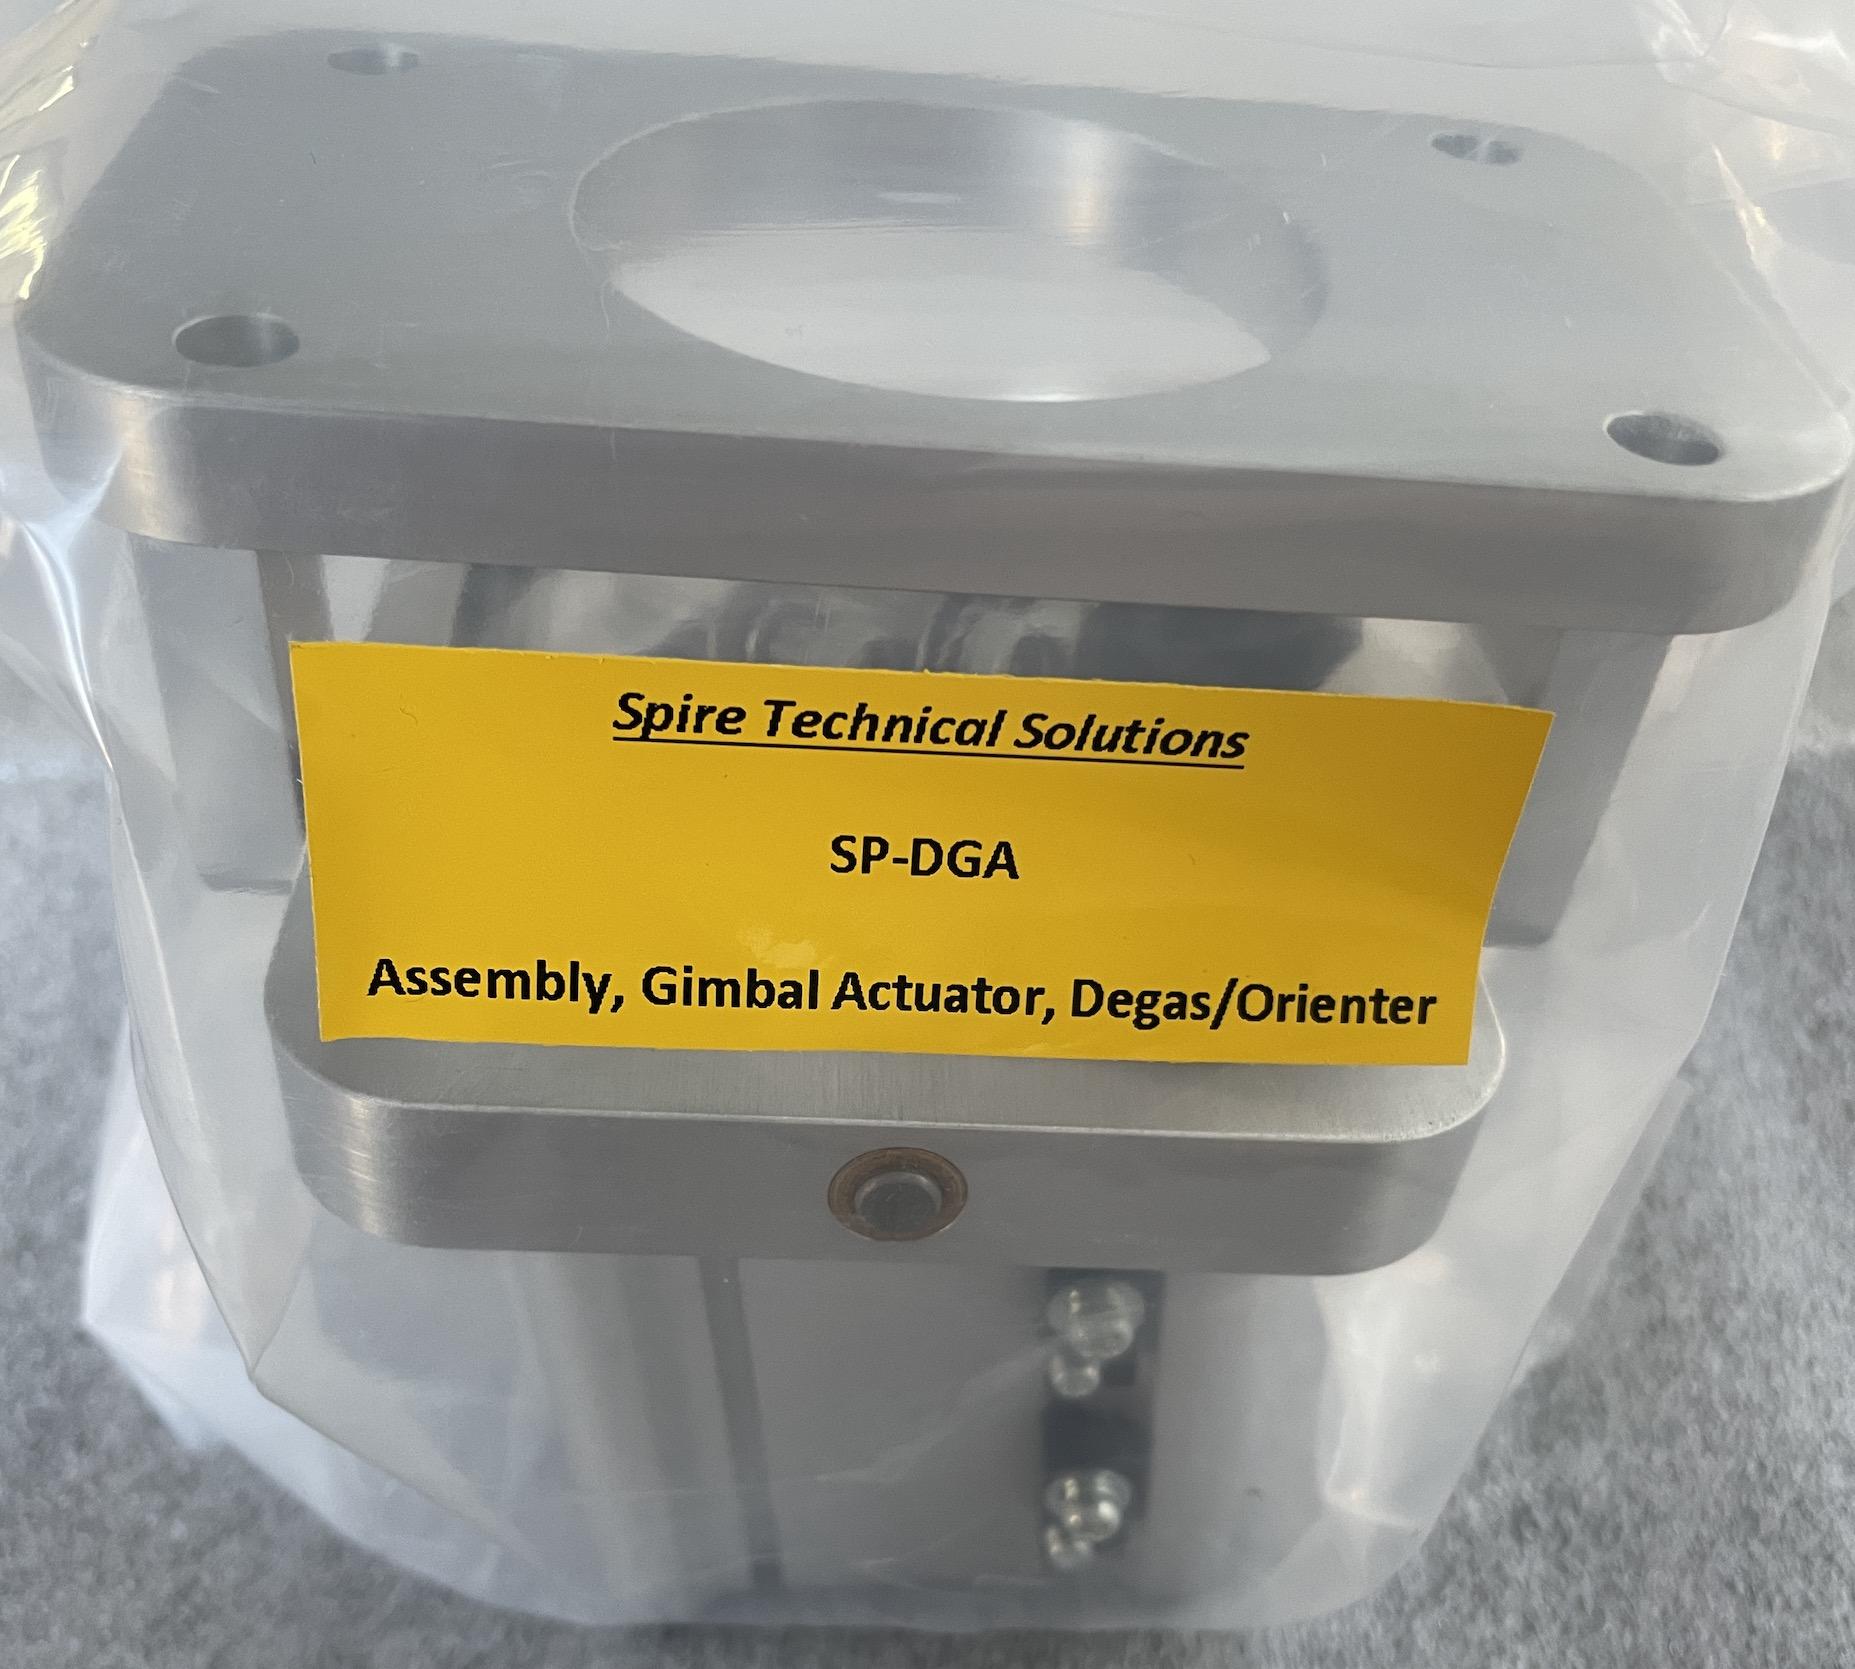 Assembly, Gimbal Actuator, Degas/Orienter